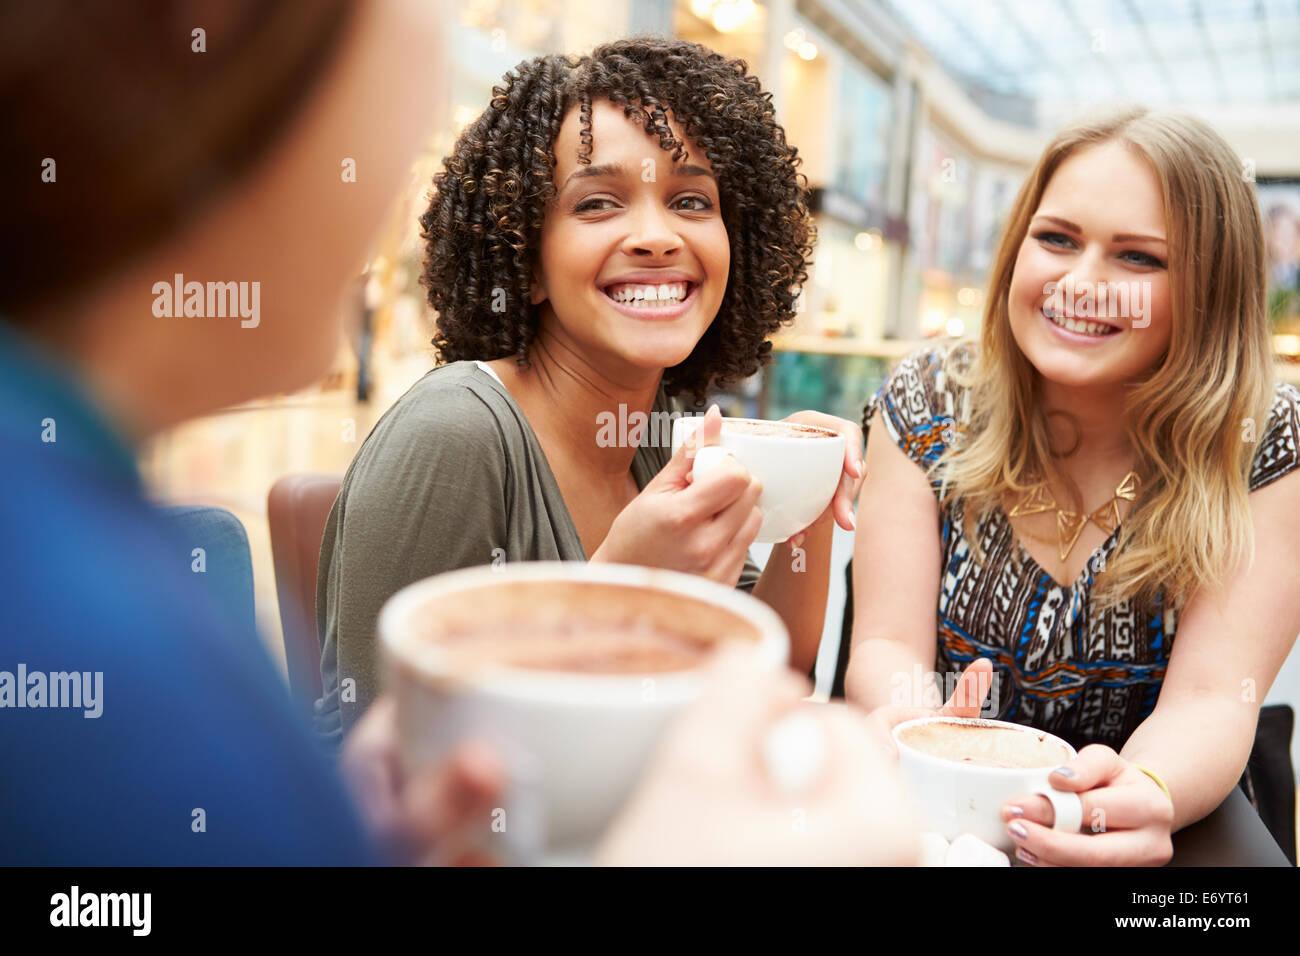 Gruppe von jungen weiblichen Freunde treffen im Café Stockfoto